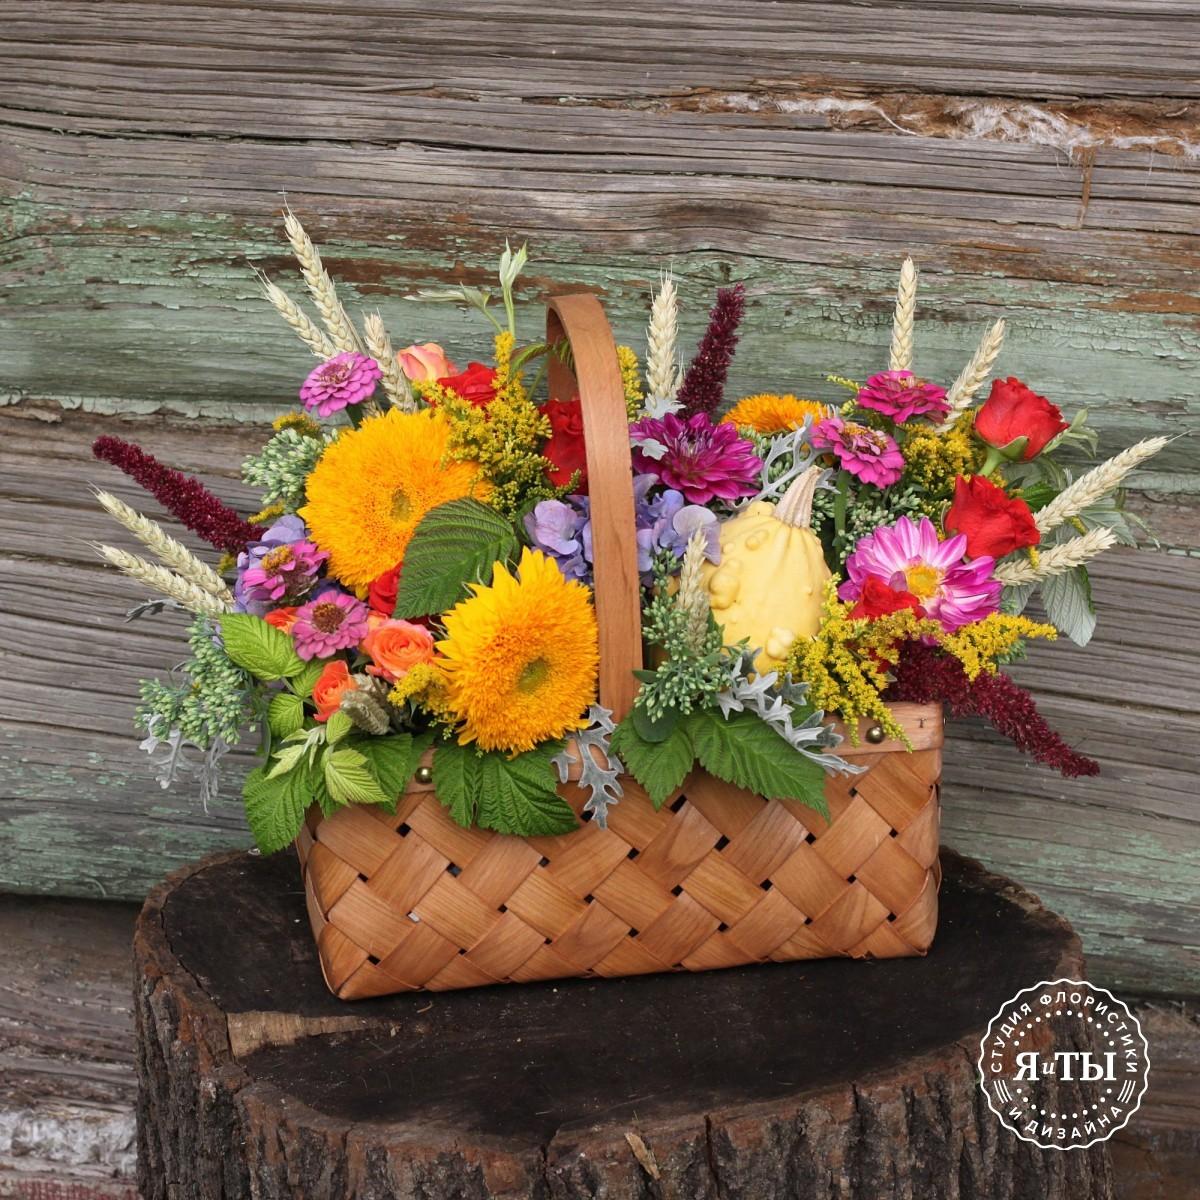 Осеннее лукошко с подсолнухами и тыквой